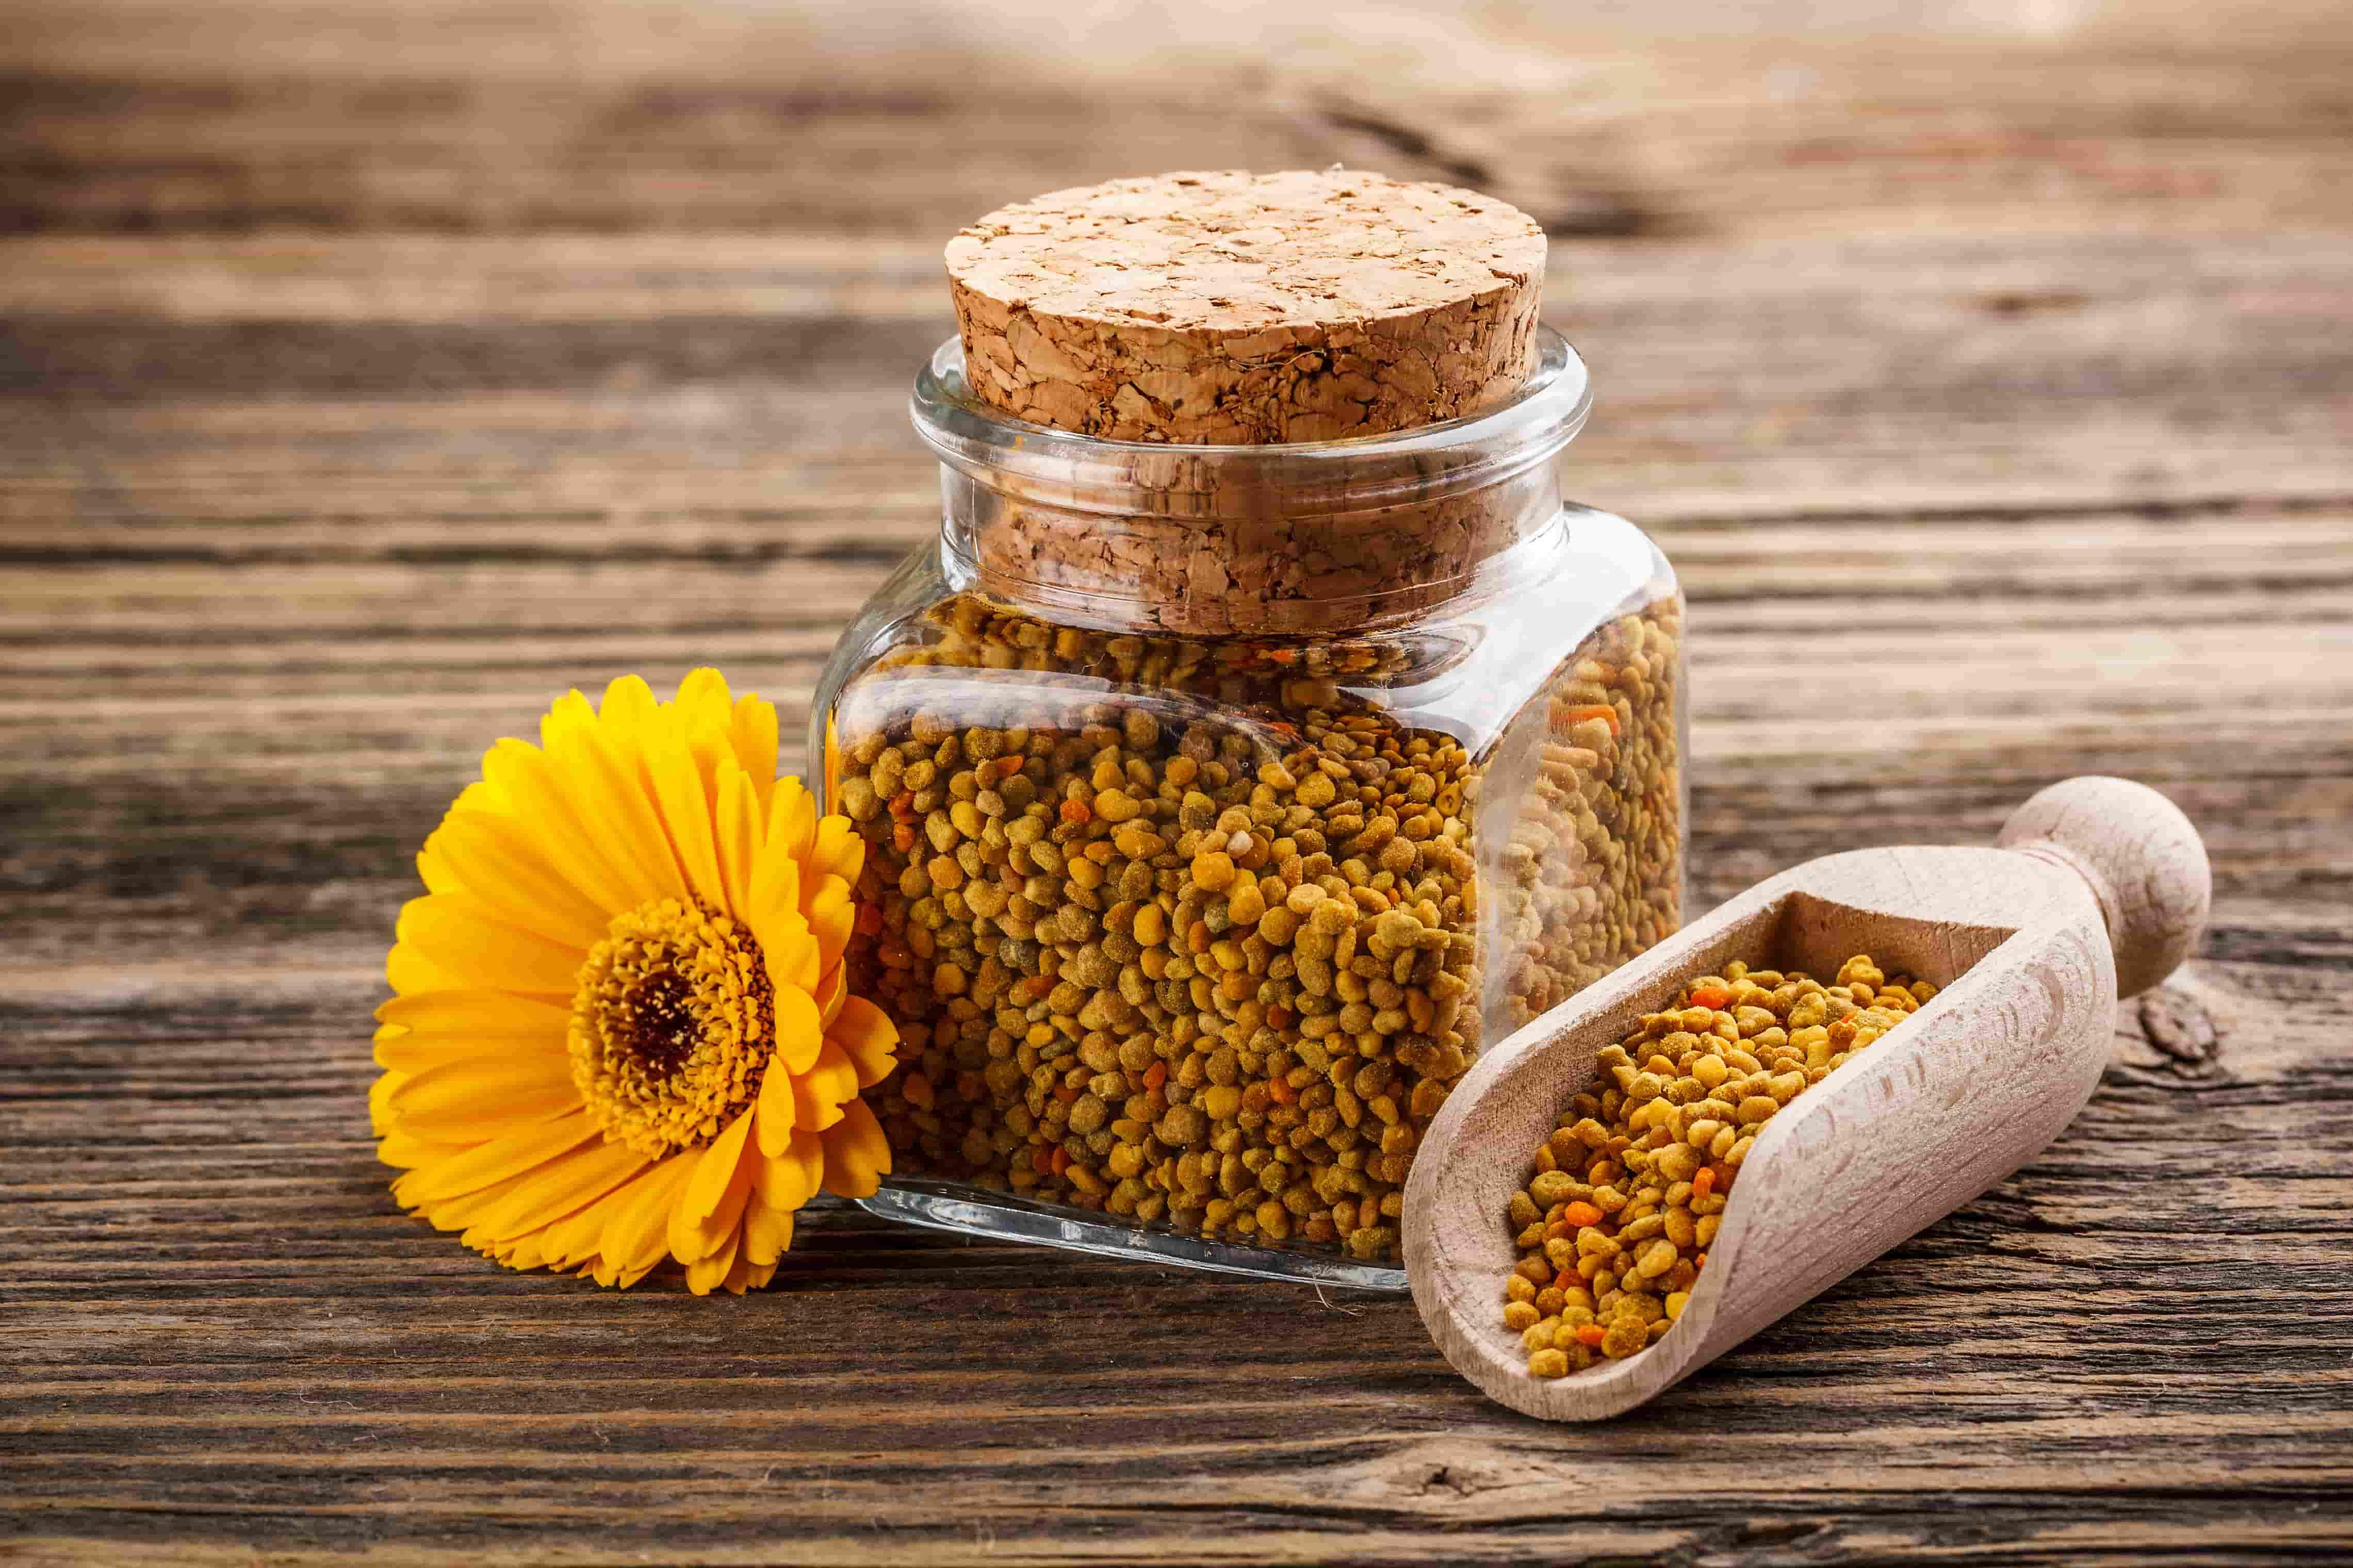 Пчелиная пыльца - суперфуд для похудения. Ее полезные свойства, от чего она помогает